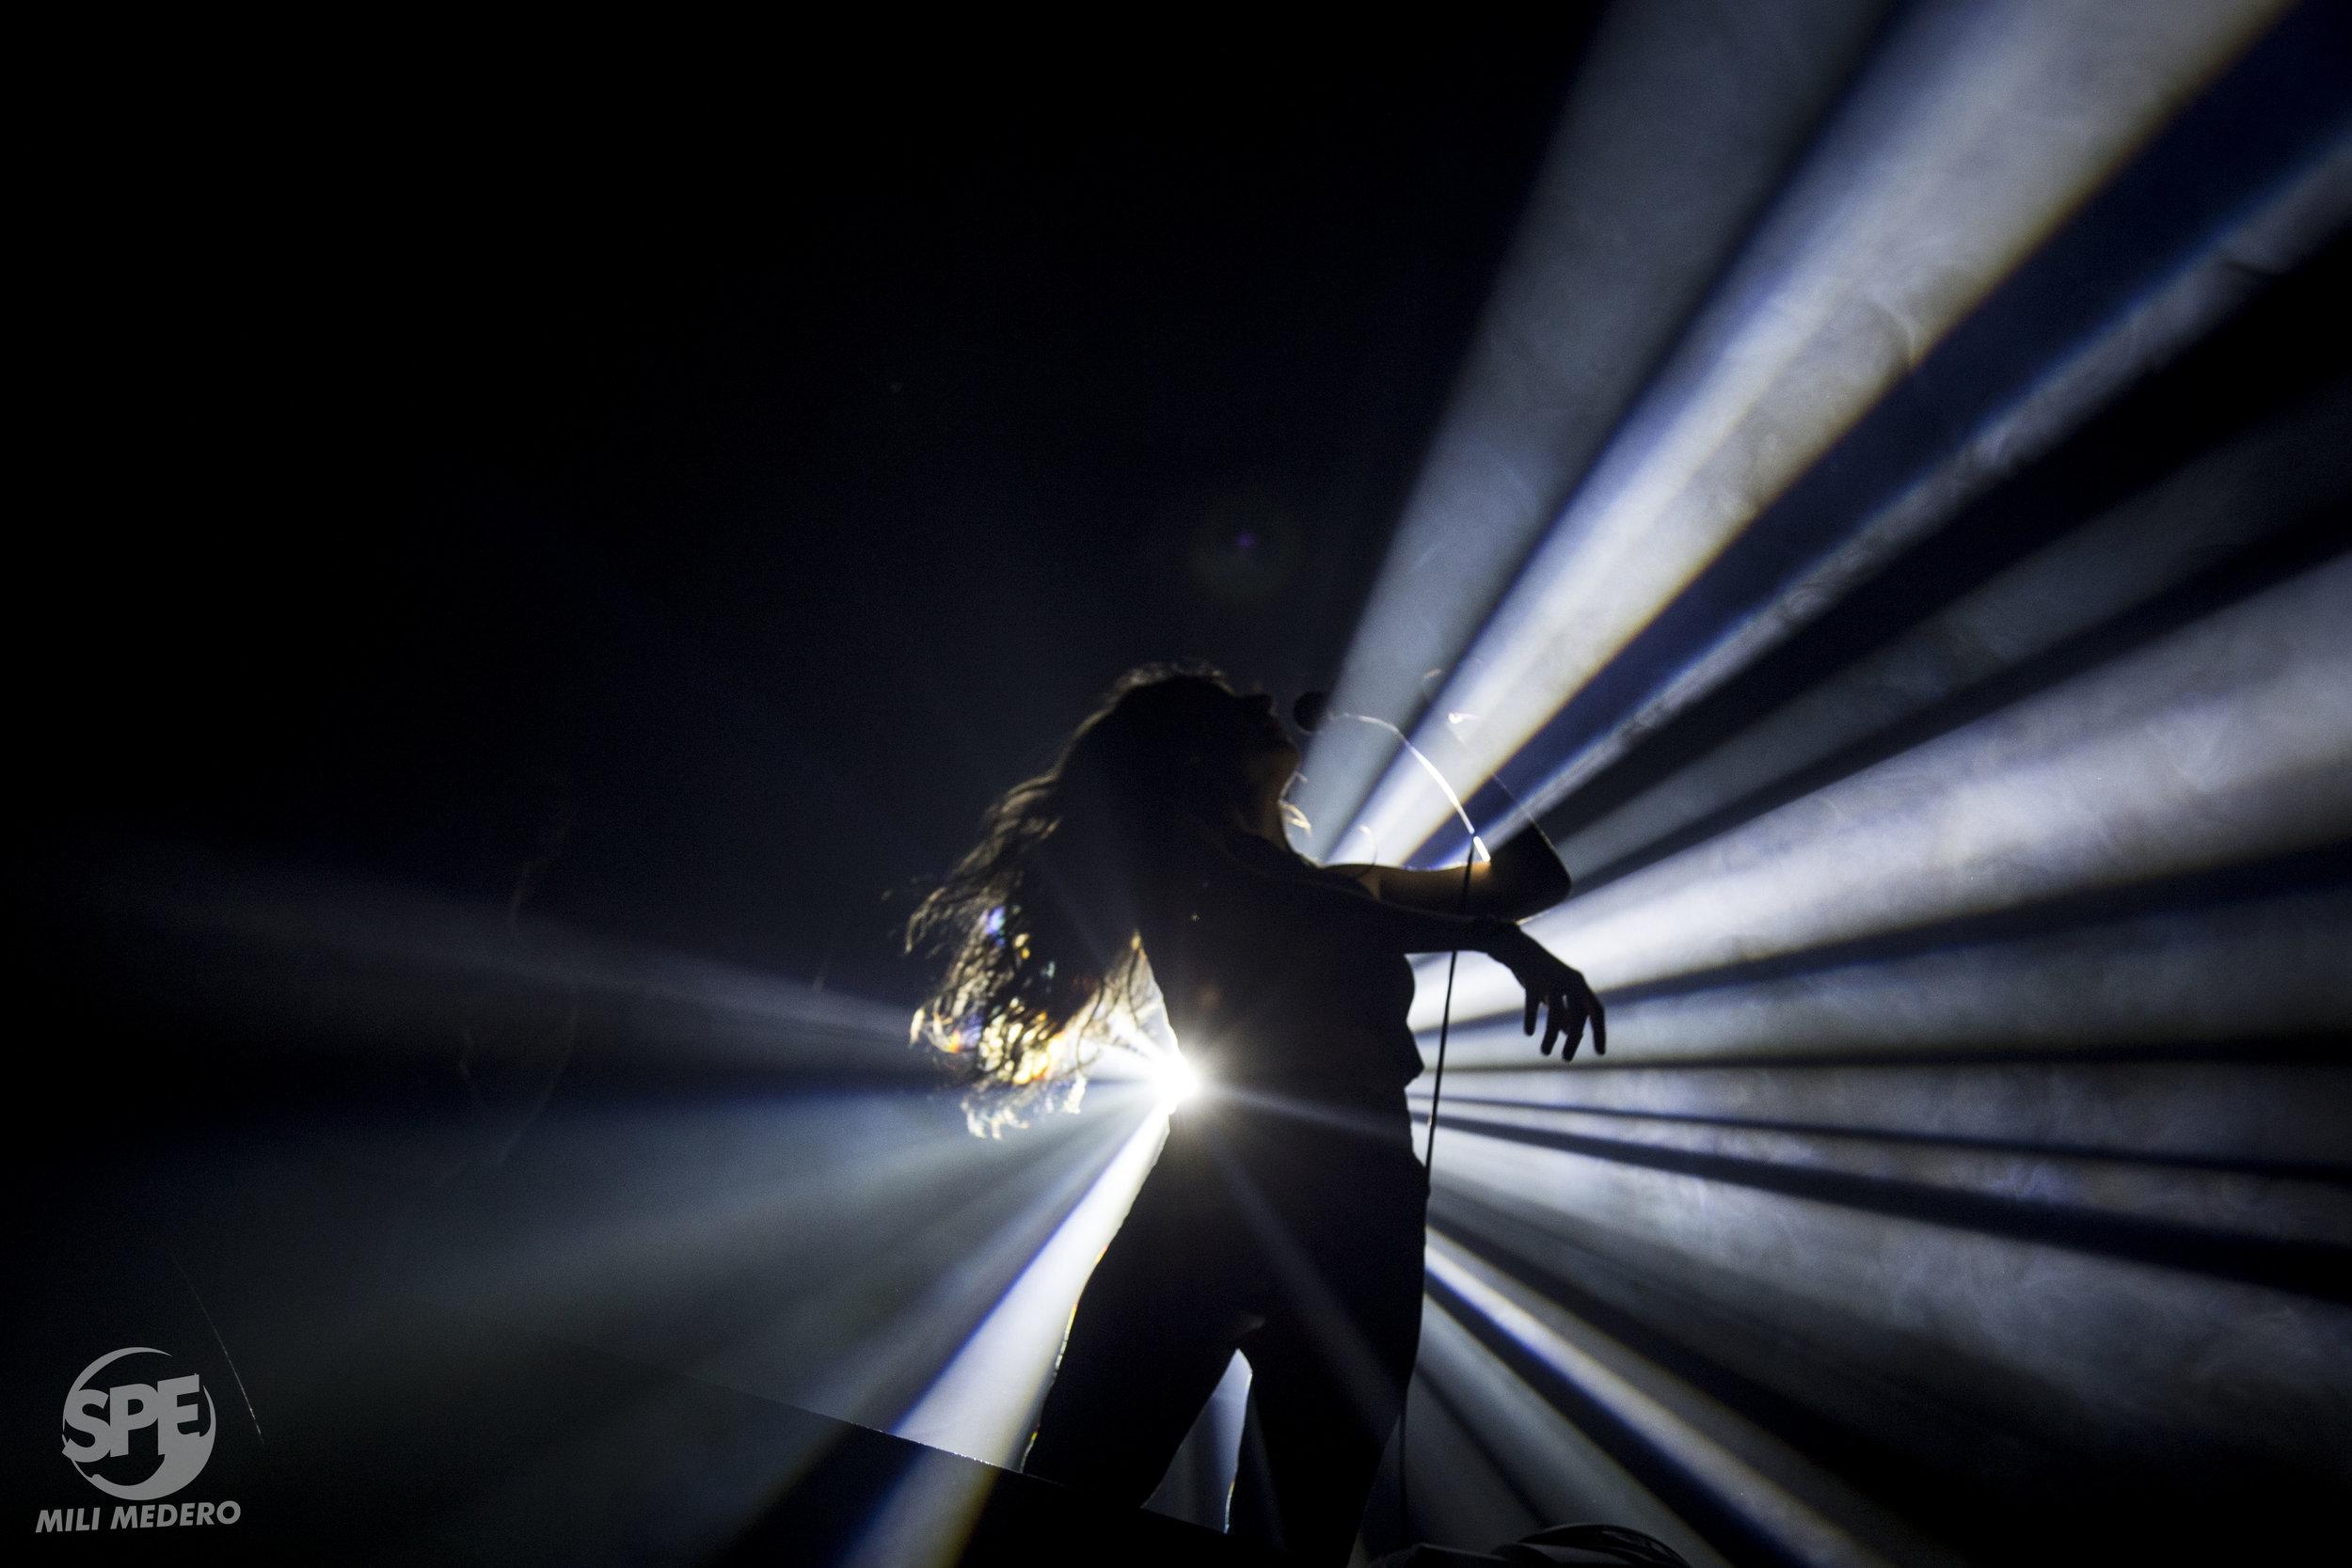 """Miranda Johansen durante su show soporte en Niceto Club (Buenos Aires, Argentina) el dia 3 de Octubre de 2019. Johansen fue la artista soporte de """"Las Sombras"""". Foto de: Milagros Medero"""